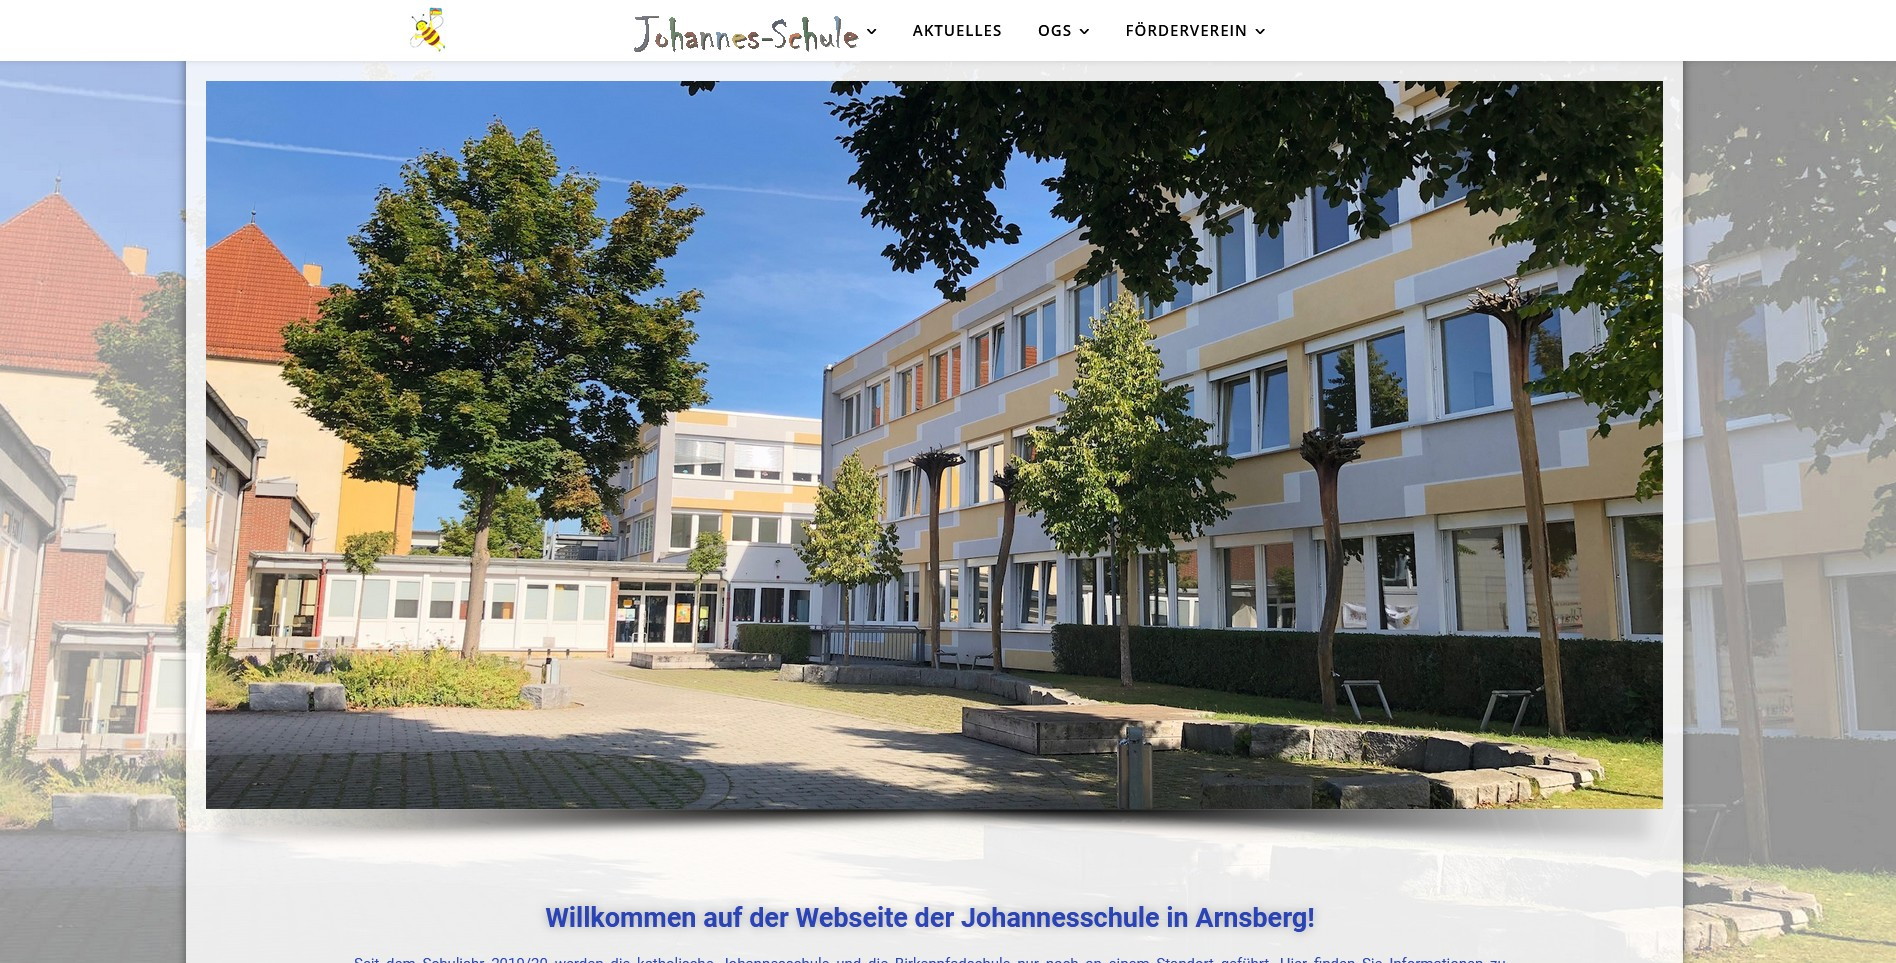 johannesschule-arnsberg